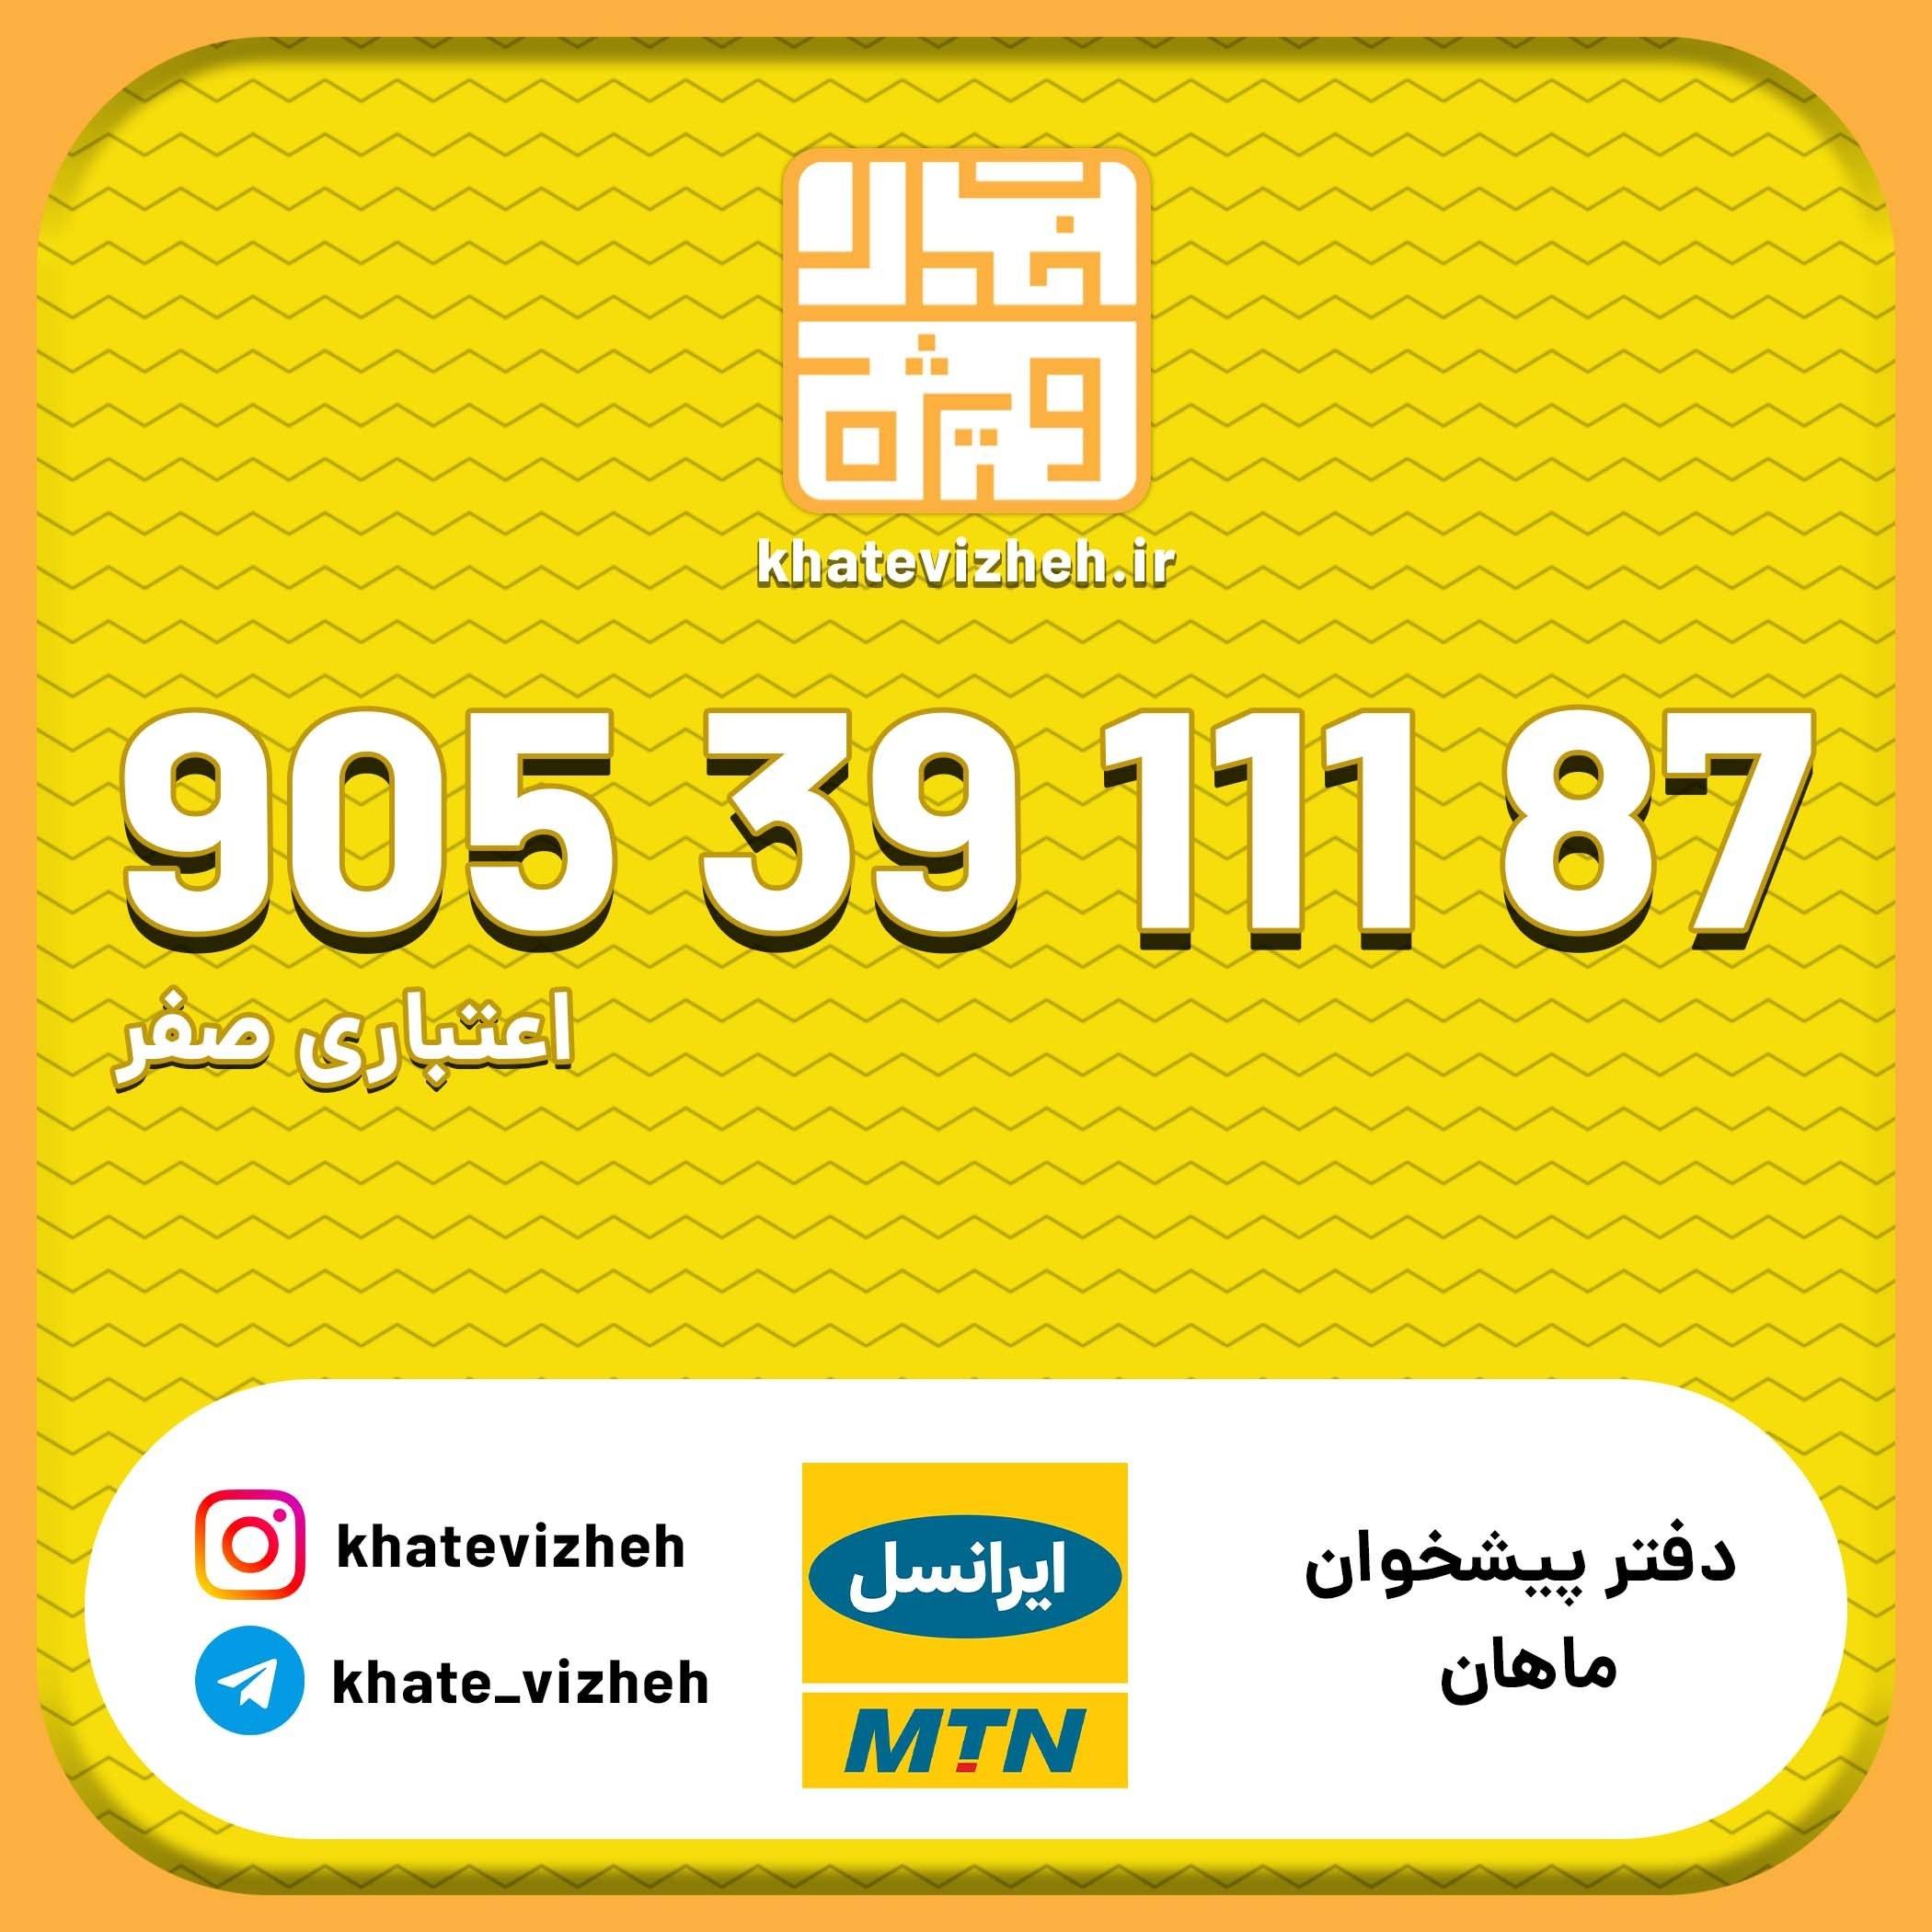 تصویر فروش سیم کارت اعتباری رند ایرانسل  09053911187